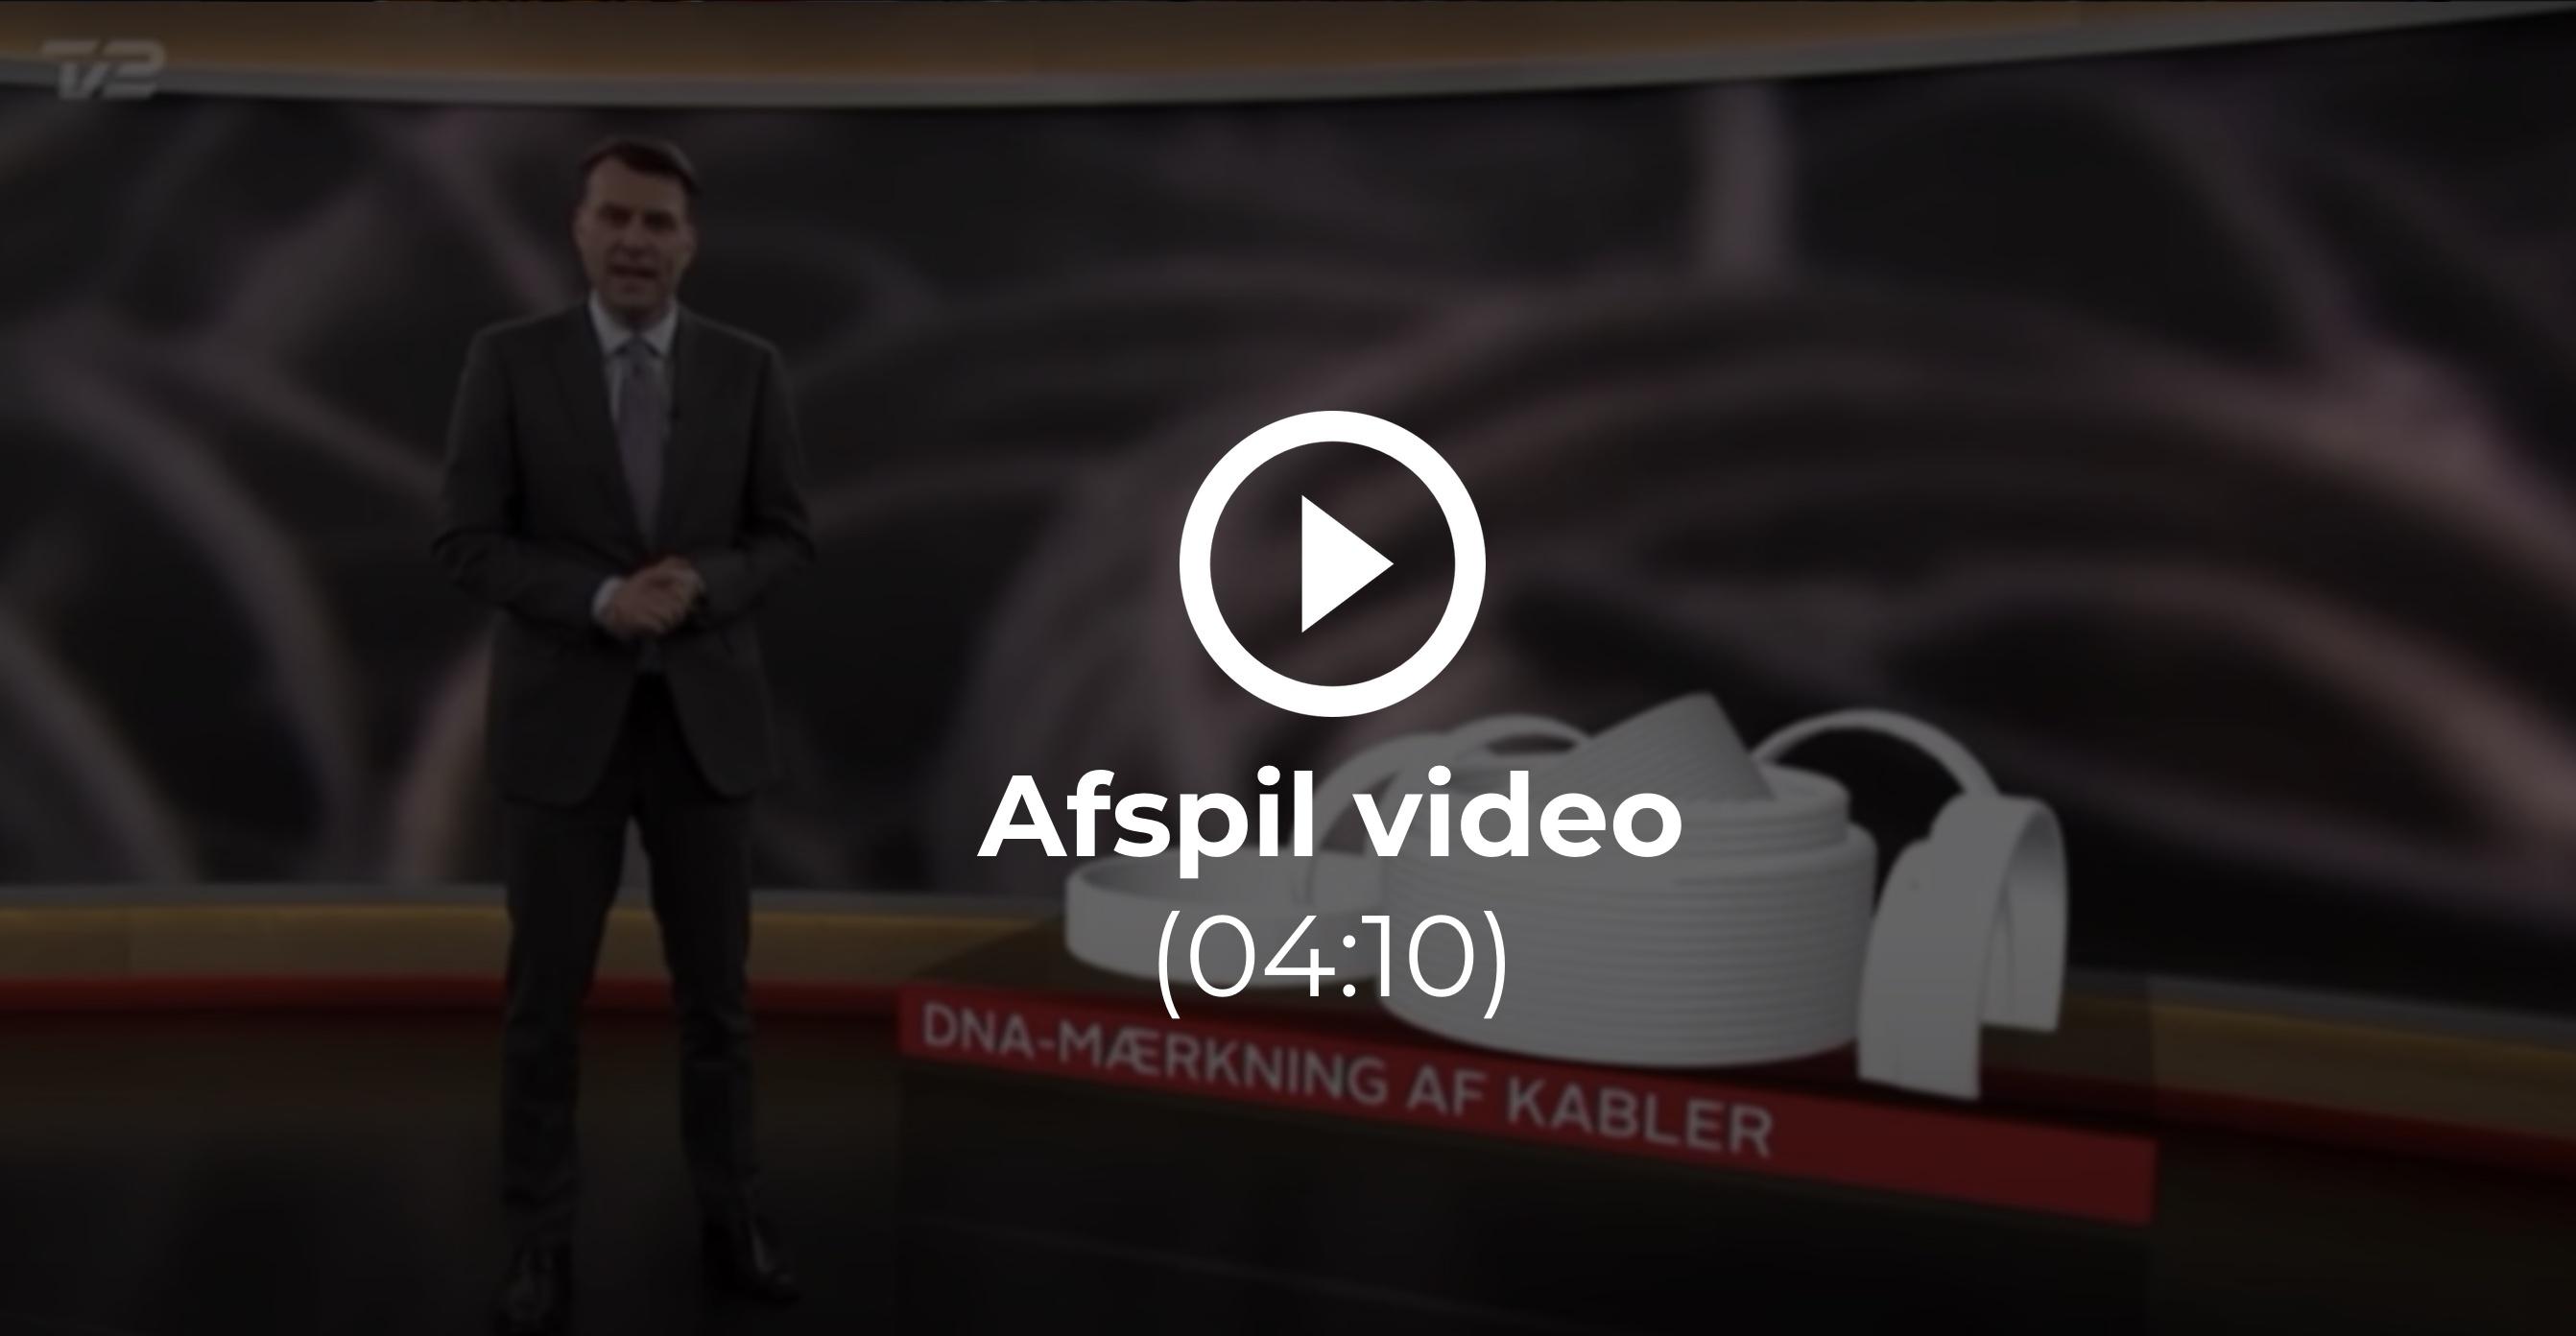 video_tv2_nyheder_mt_h_kabler